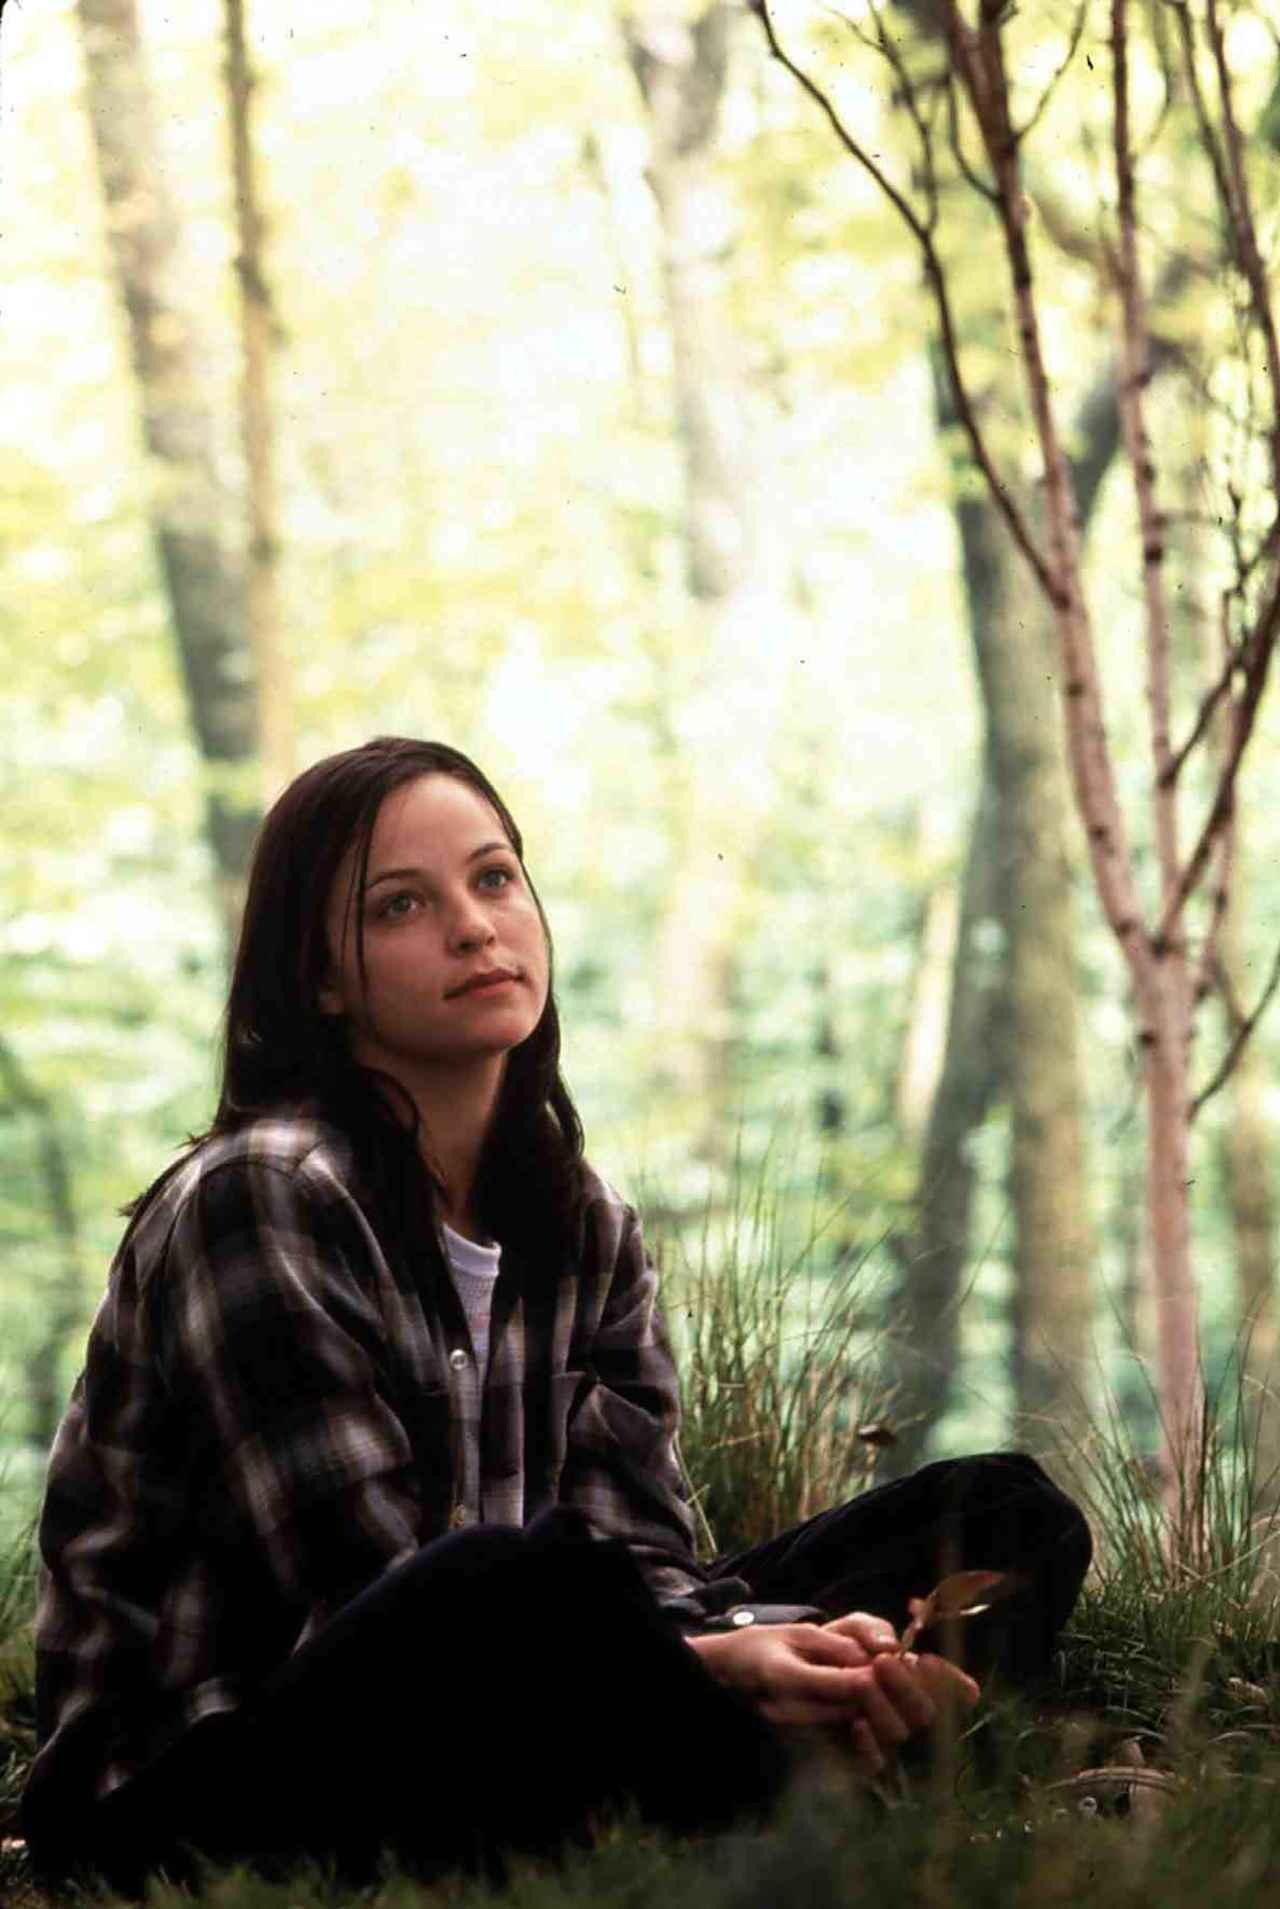 画像: 『この森で、天使はバスを降りた』